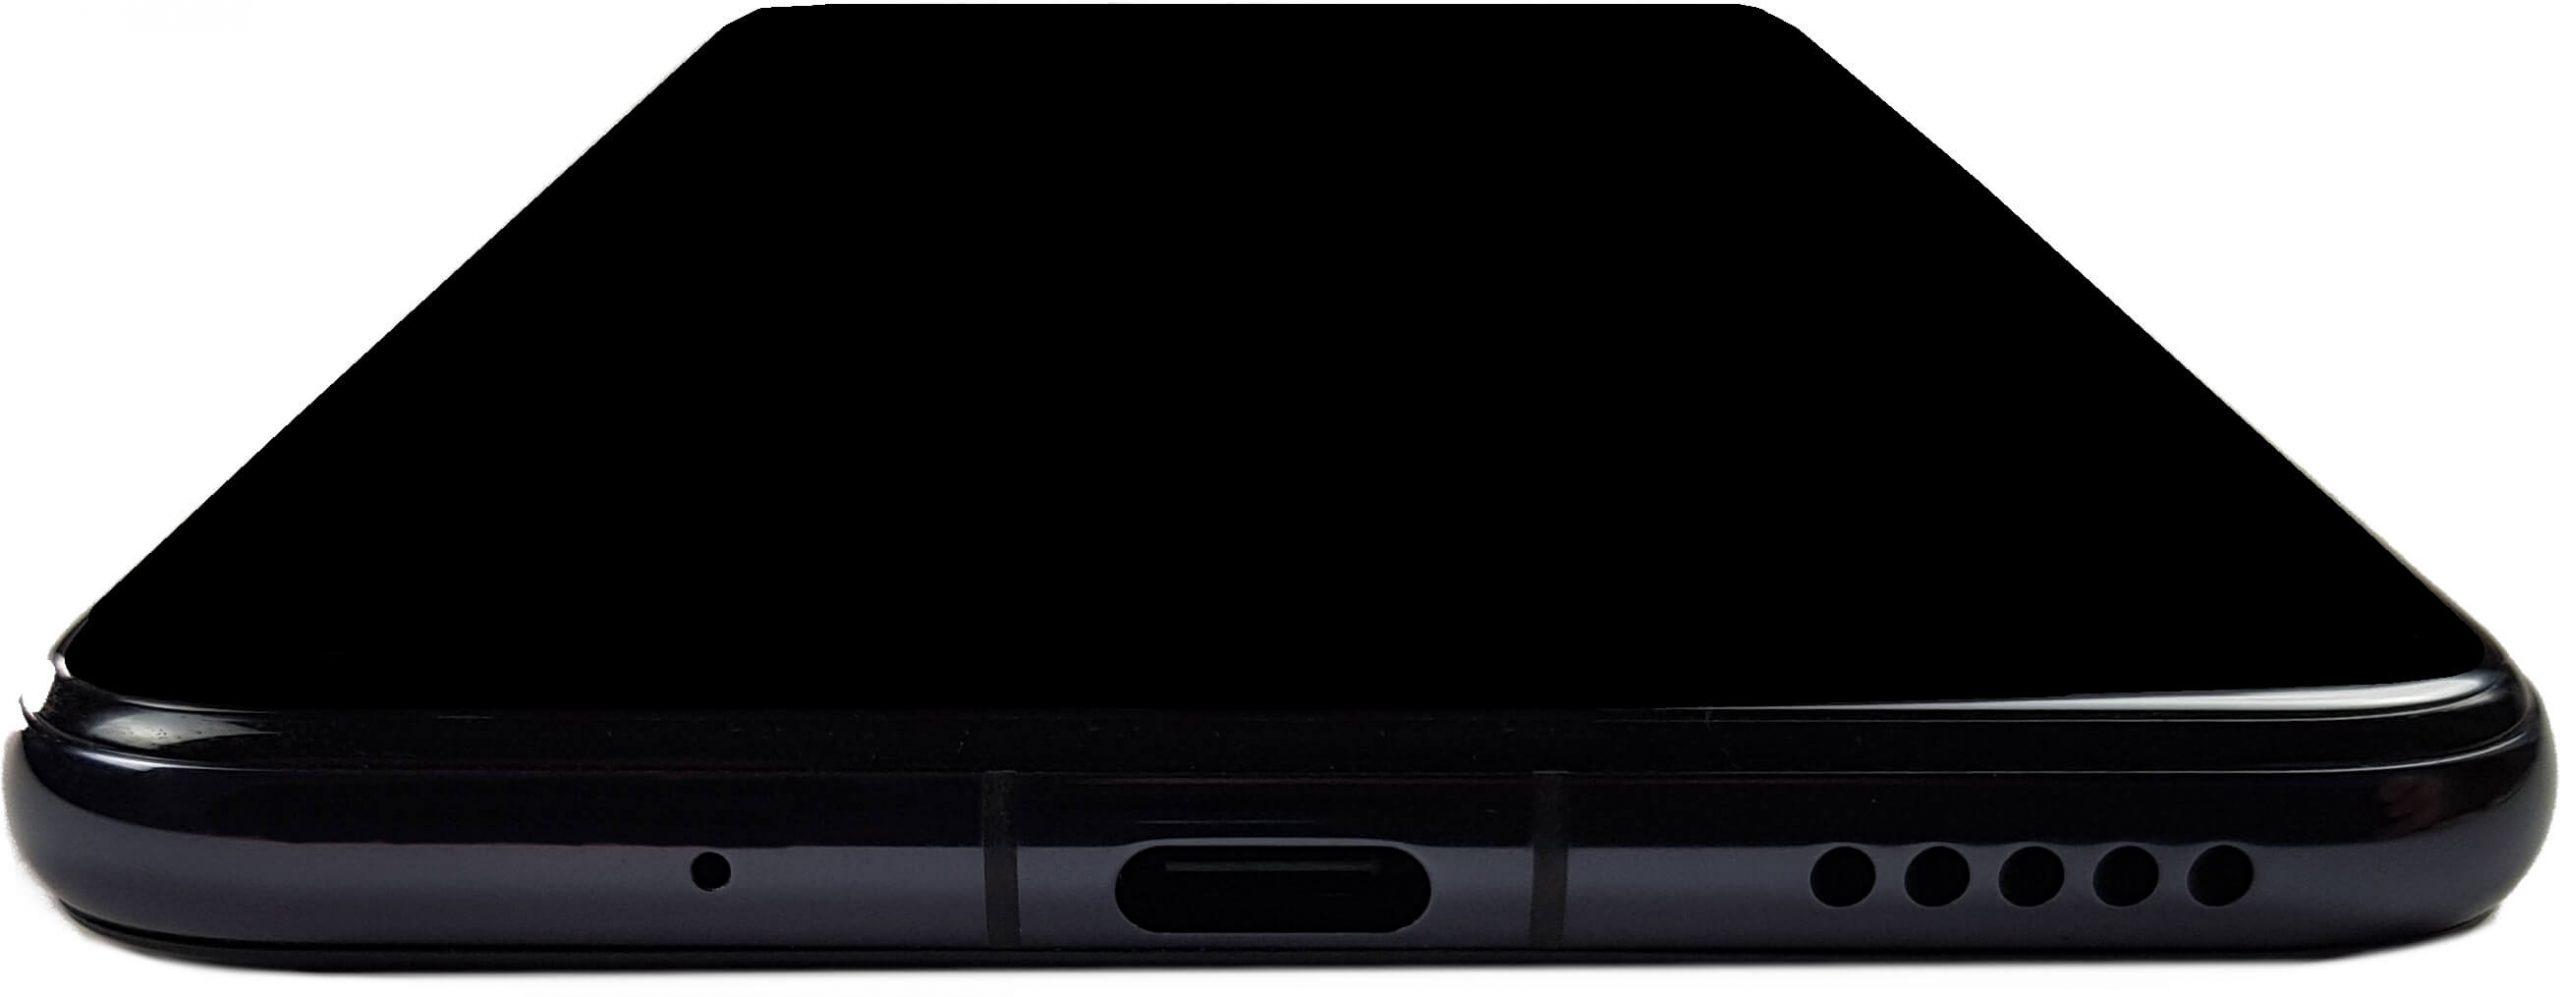 Review Huawei Nova 5T: Diseño, potencia y excelentes cámaras